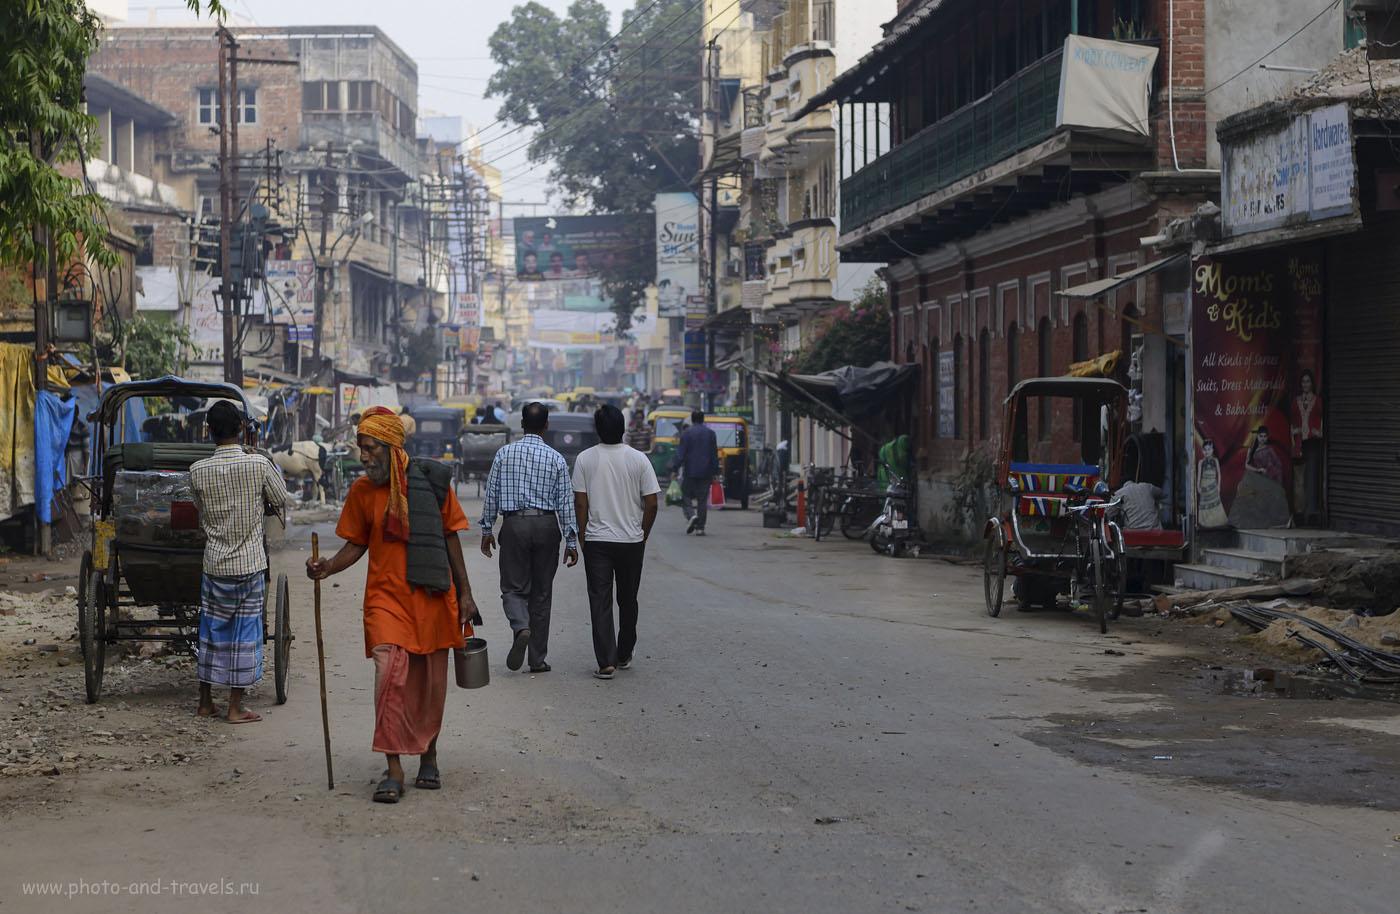 Фото 8. На улицах Варанаси можно встретить самых разных людей, разных профессий и убеждений. Отчет о поездке в Индию. 1/640, -0.33, 2.8, 250, 70.